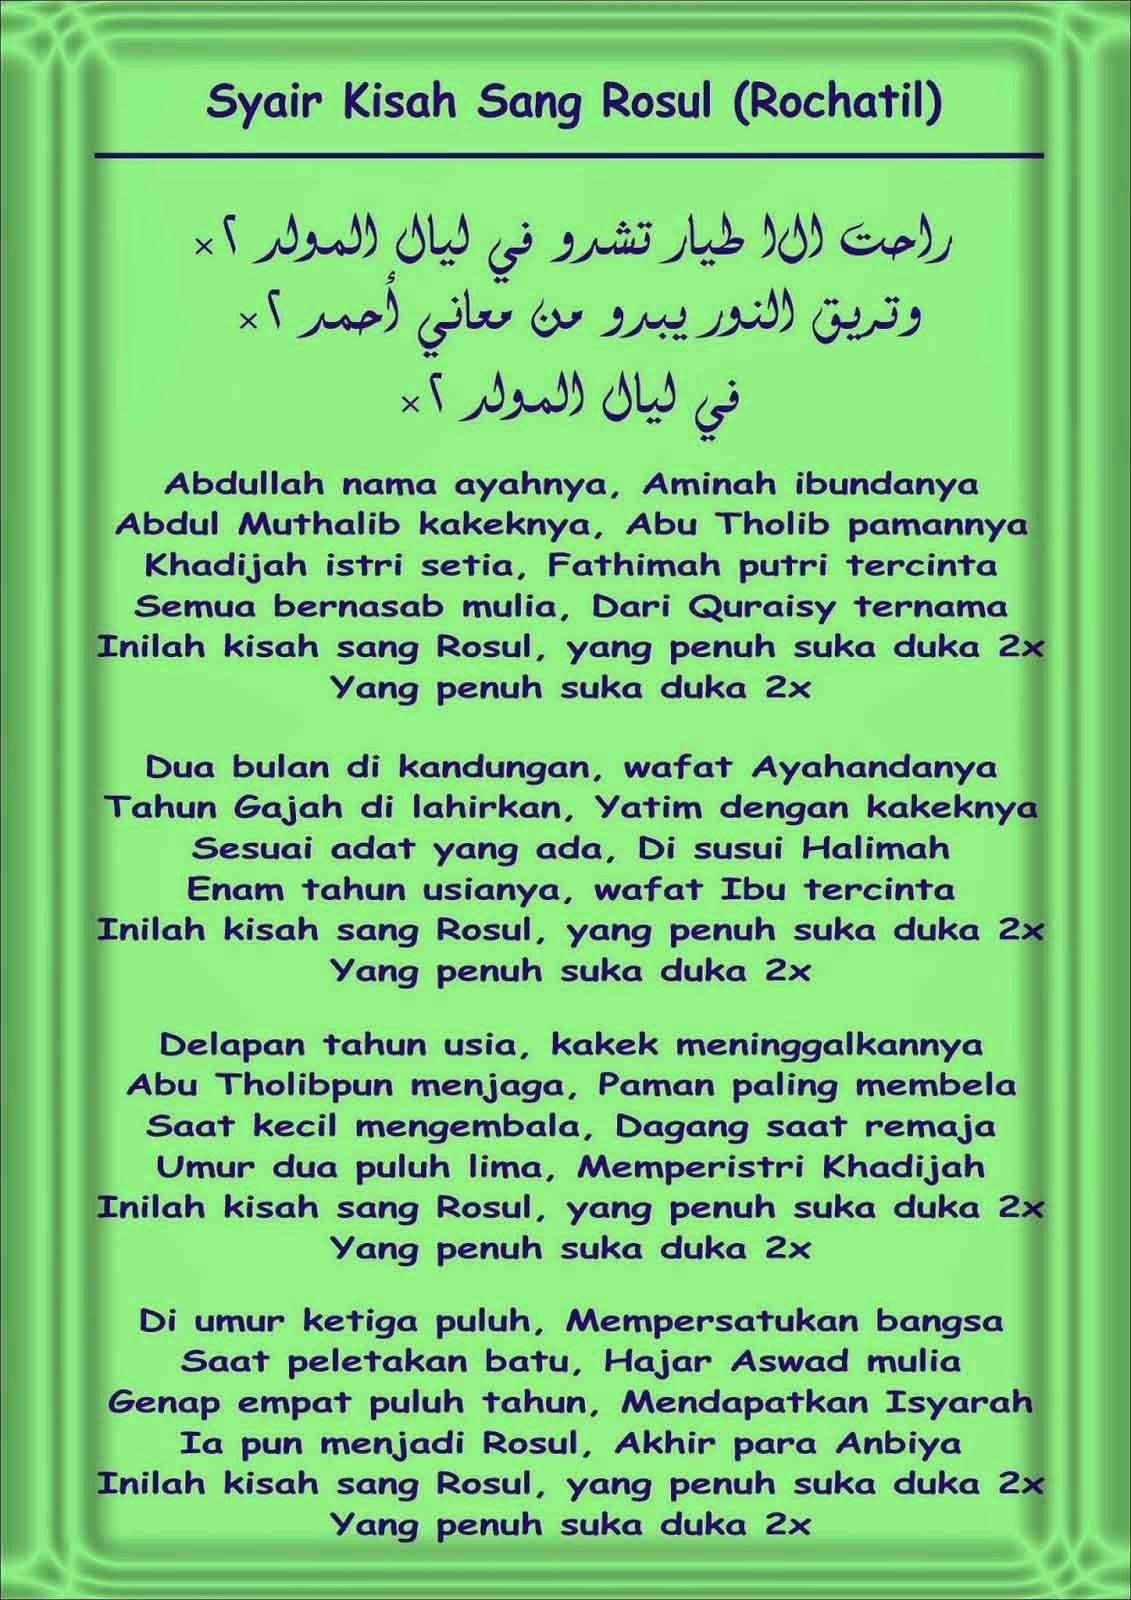 Lirik lagu sholawat kisah sang nabi — brad. Erva-doce. Info.